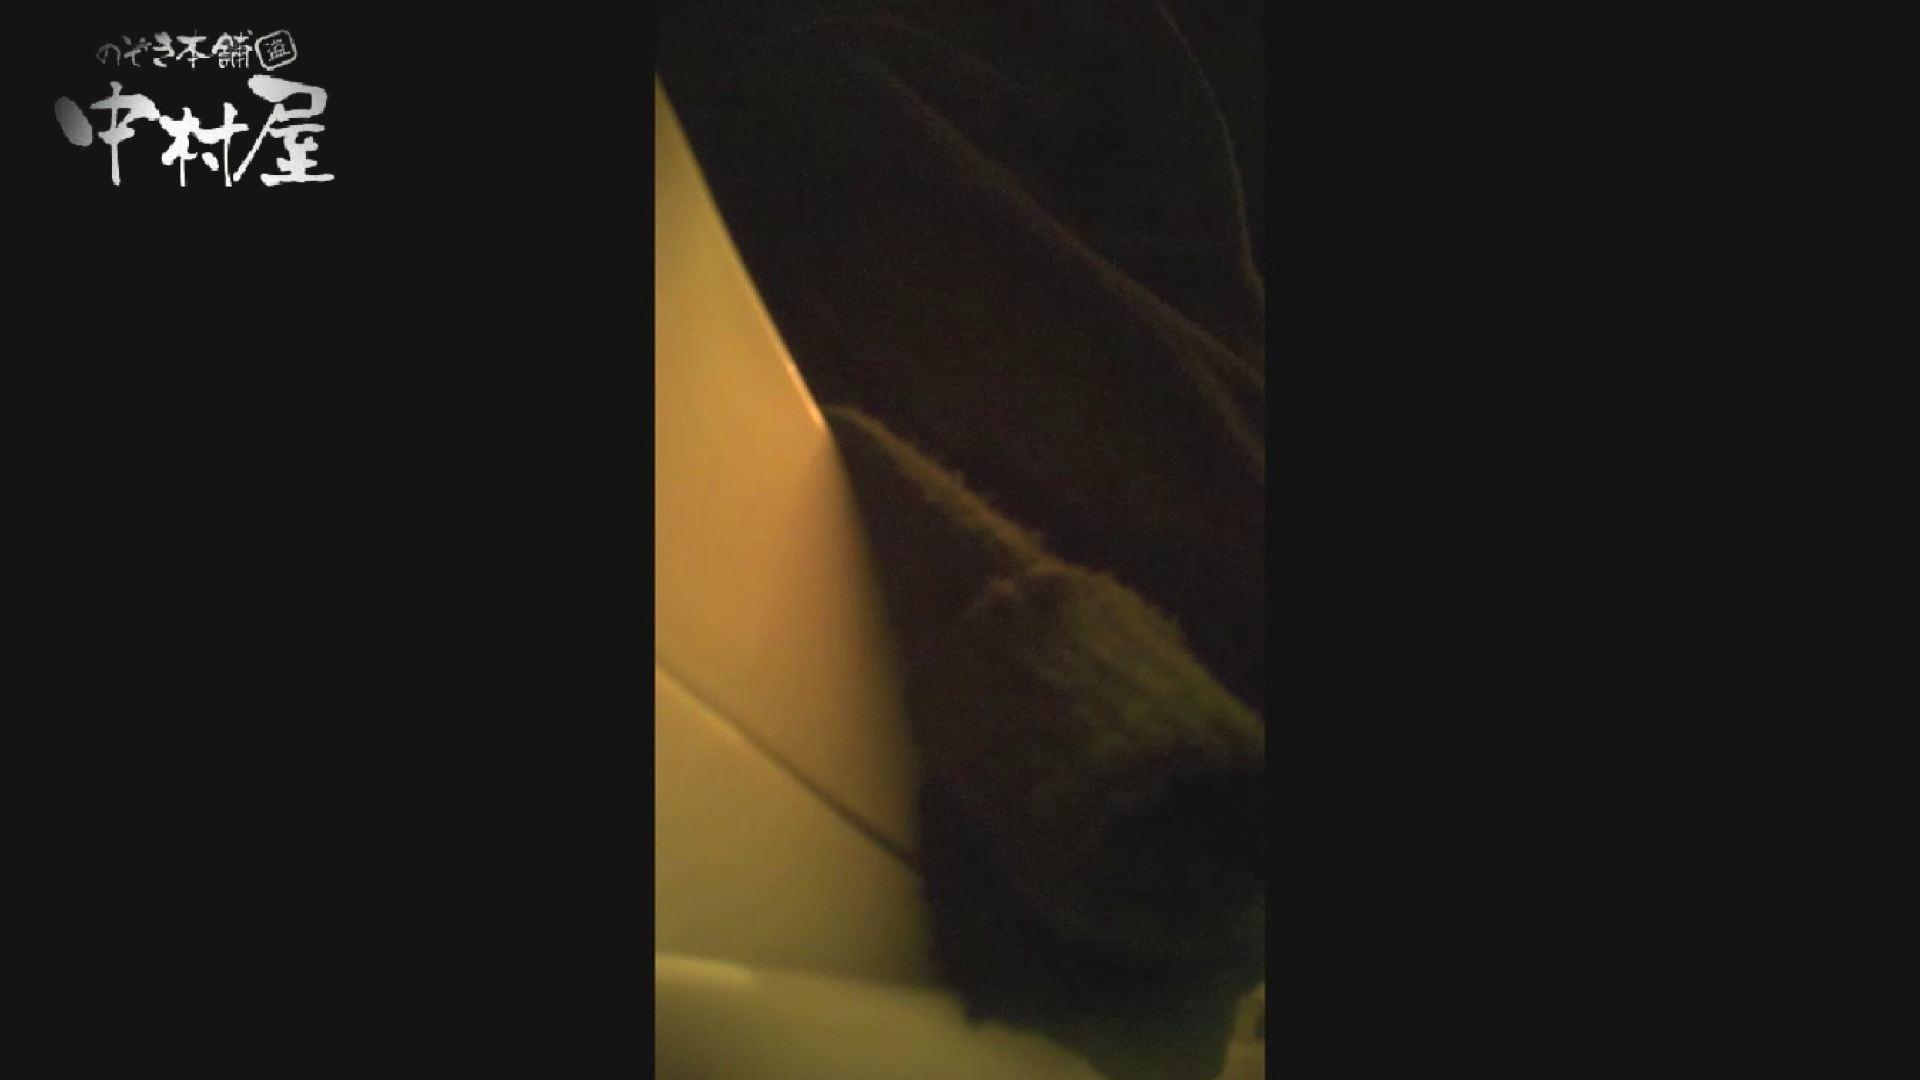 高画質トイレ盗撮vol.12 OLセックス 盗み撮りオマンコ動画キャプチャ 64画像 12